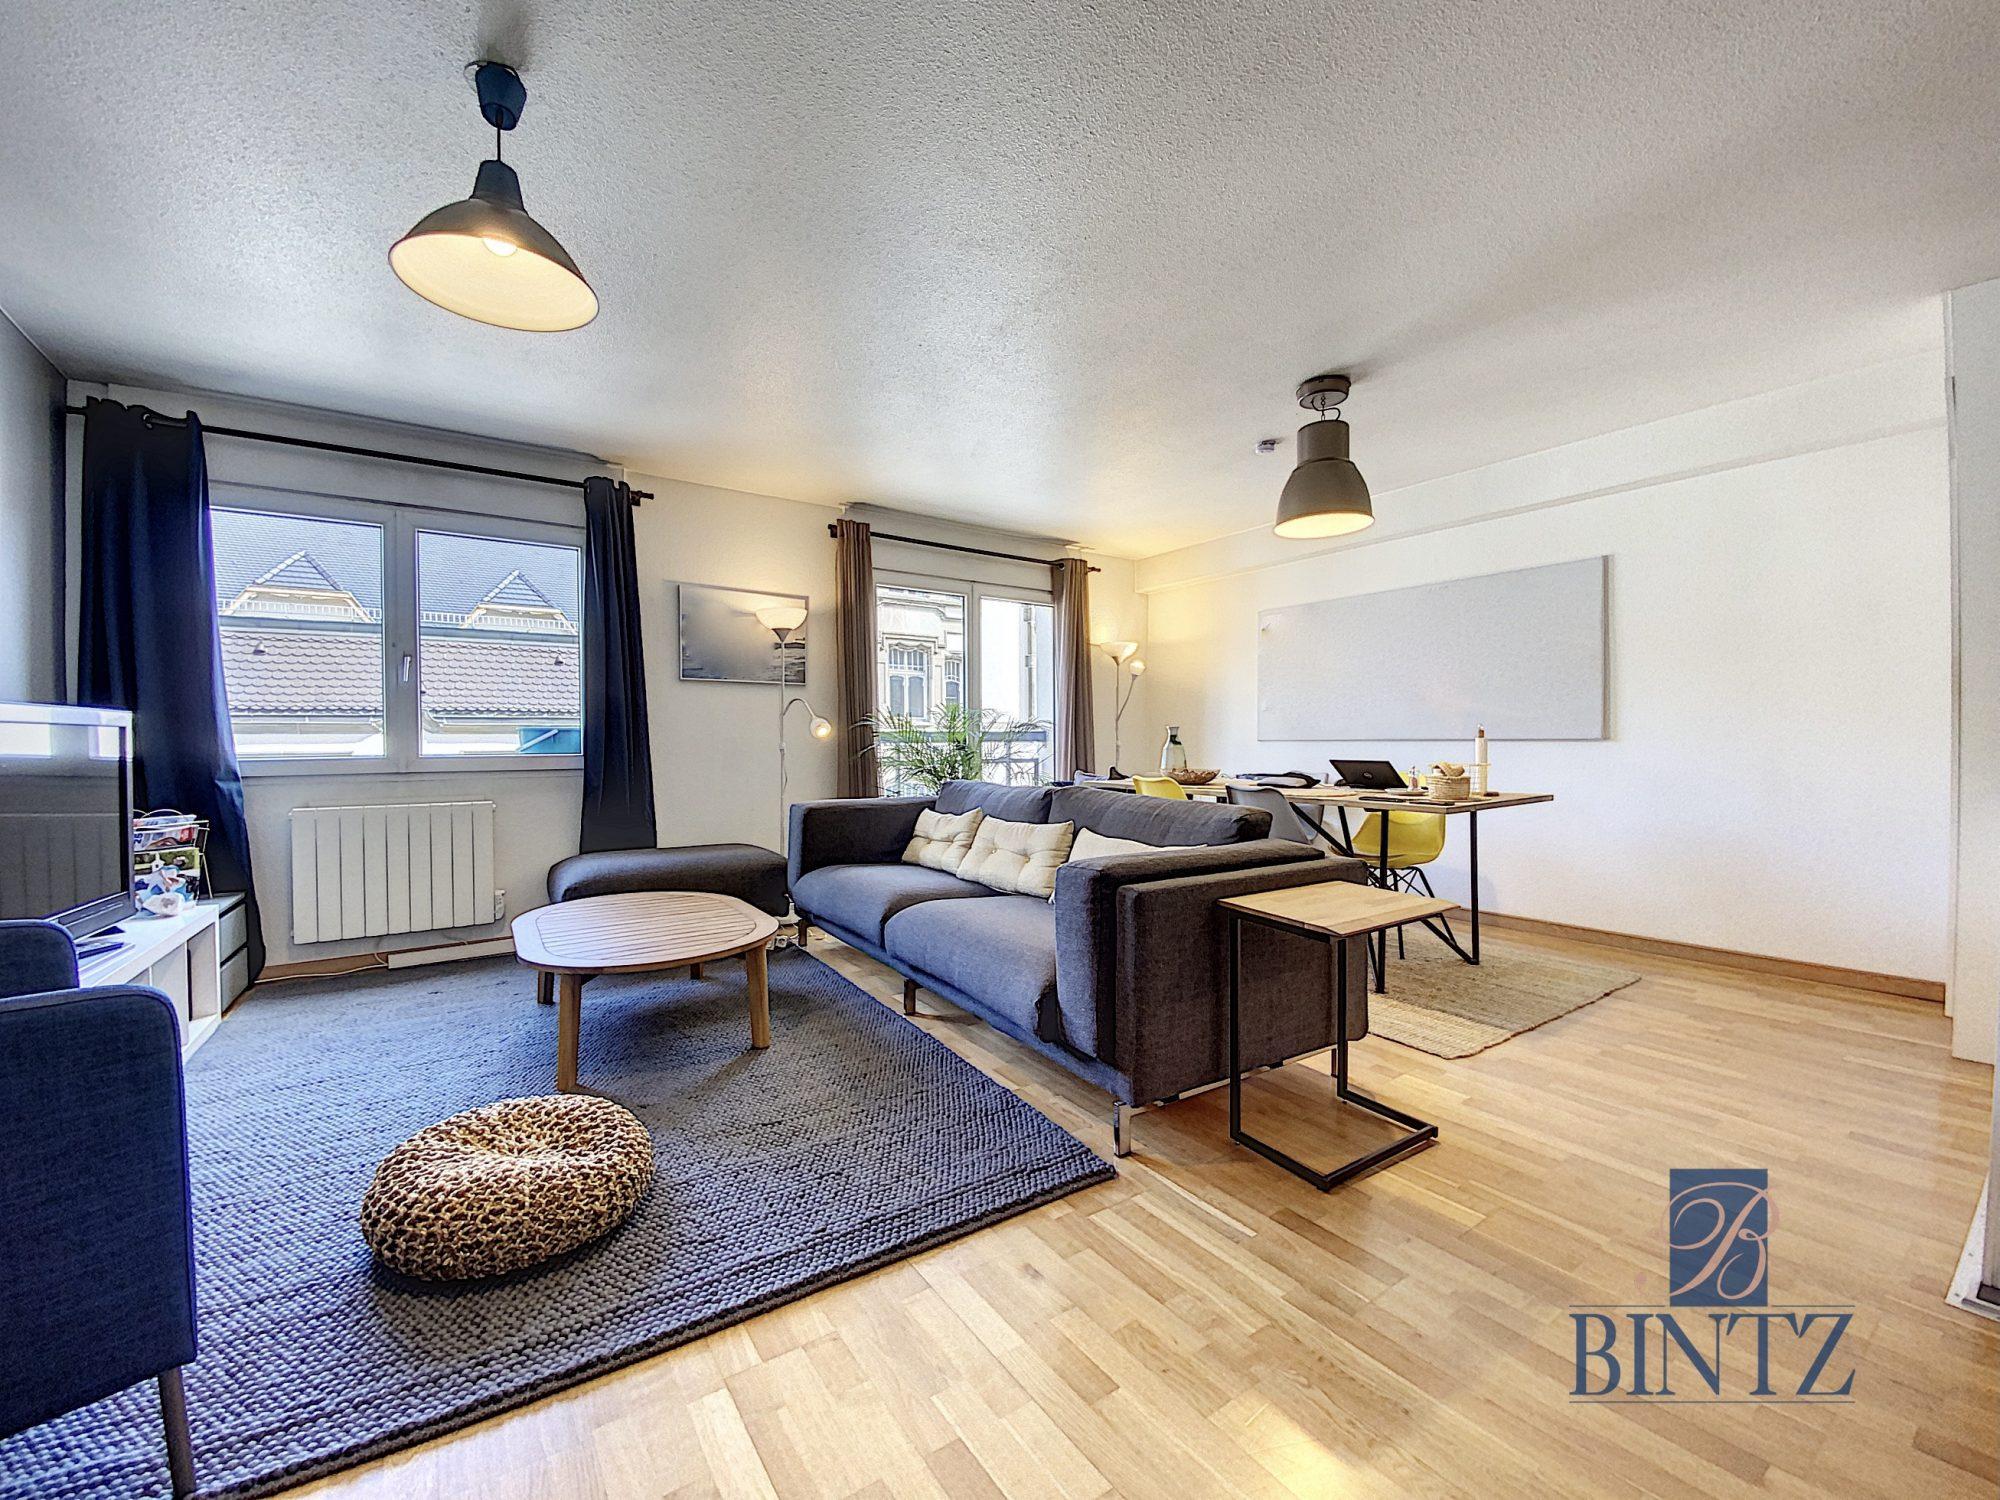 3 PIÈCES NEUSTADT AVEC GARAGE - Devenez locataire en toute sérénité - Bintz Immobilier - 10